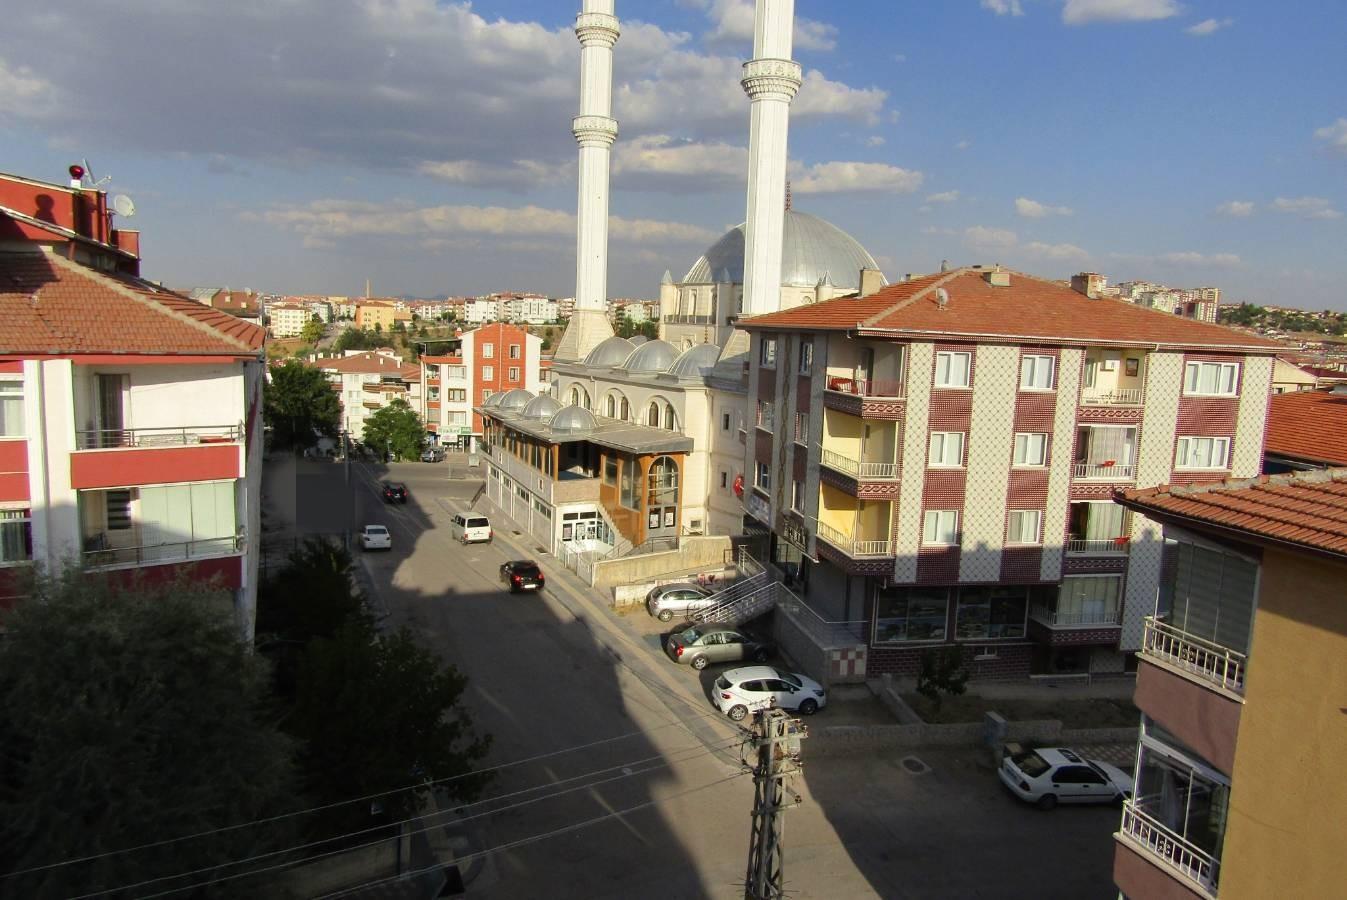 SR EMLAK'TAN PİYADE MAH'DE 4+2 240m² ÇİFT GİRİŞE UYGUN YAPILI TERAS